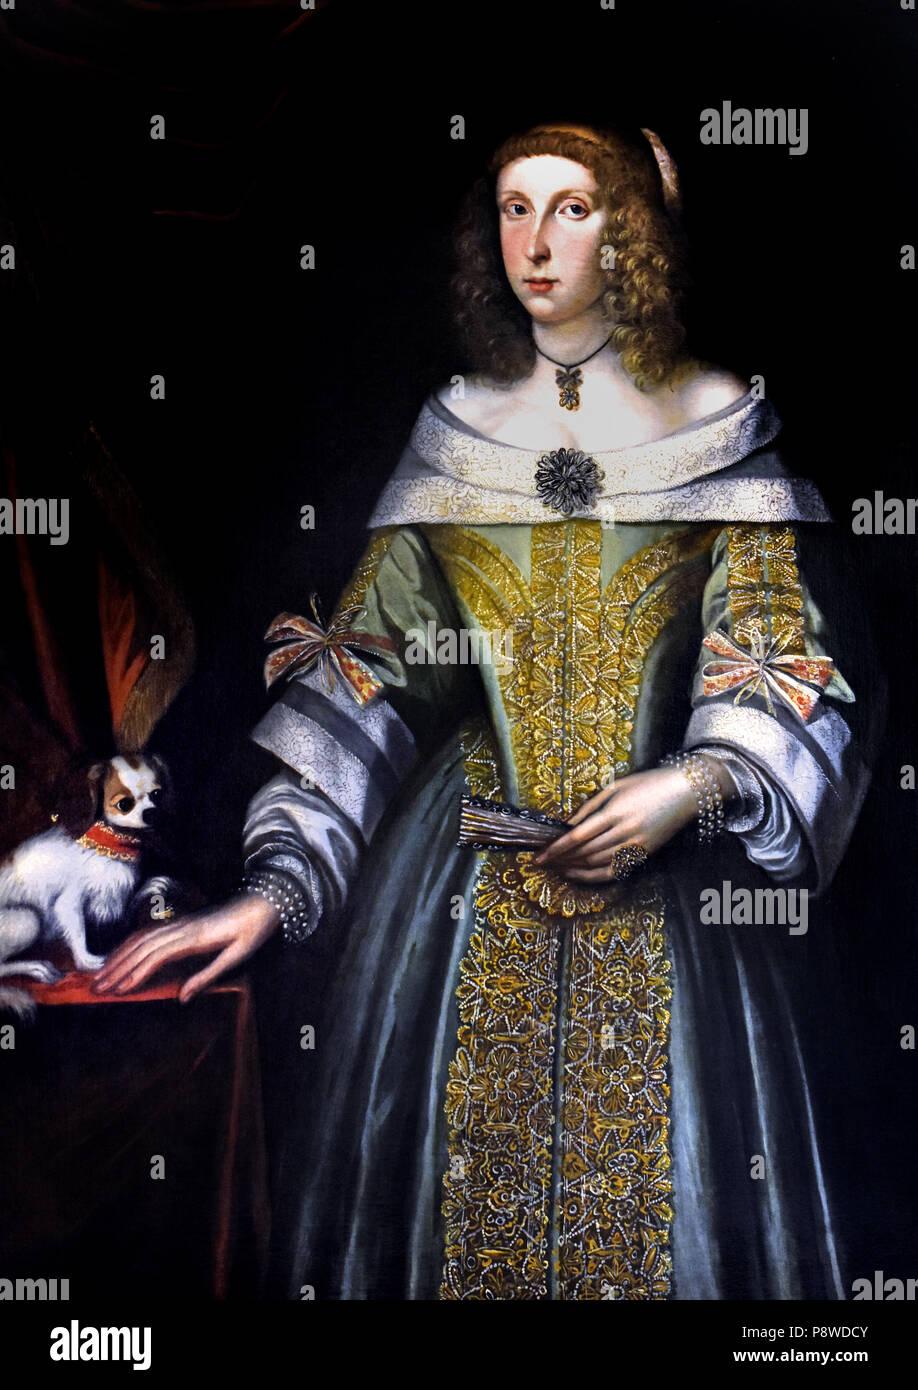 Bildnis einer Dame von Französischen unbekannter Maler des 16. Jahrhunderts Frankreich Stockbild